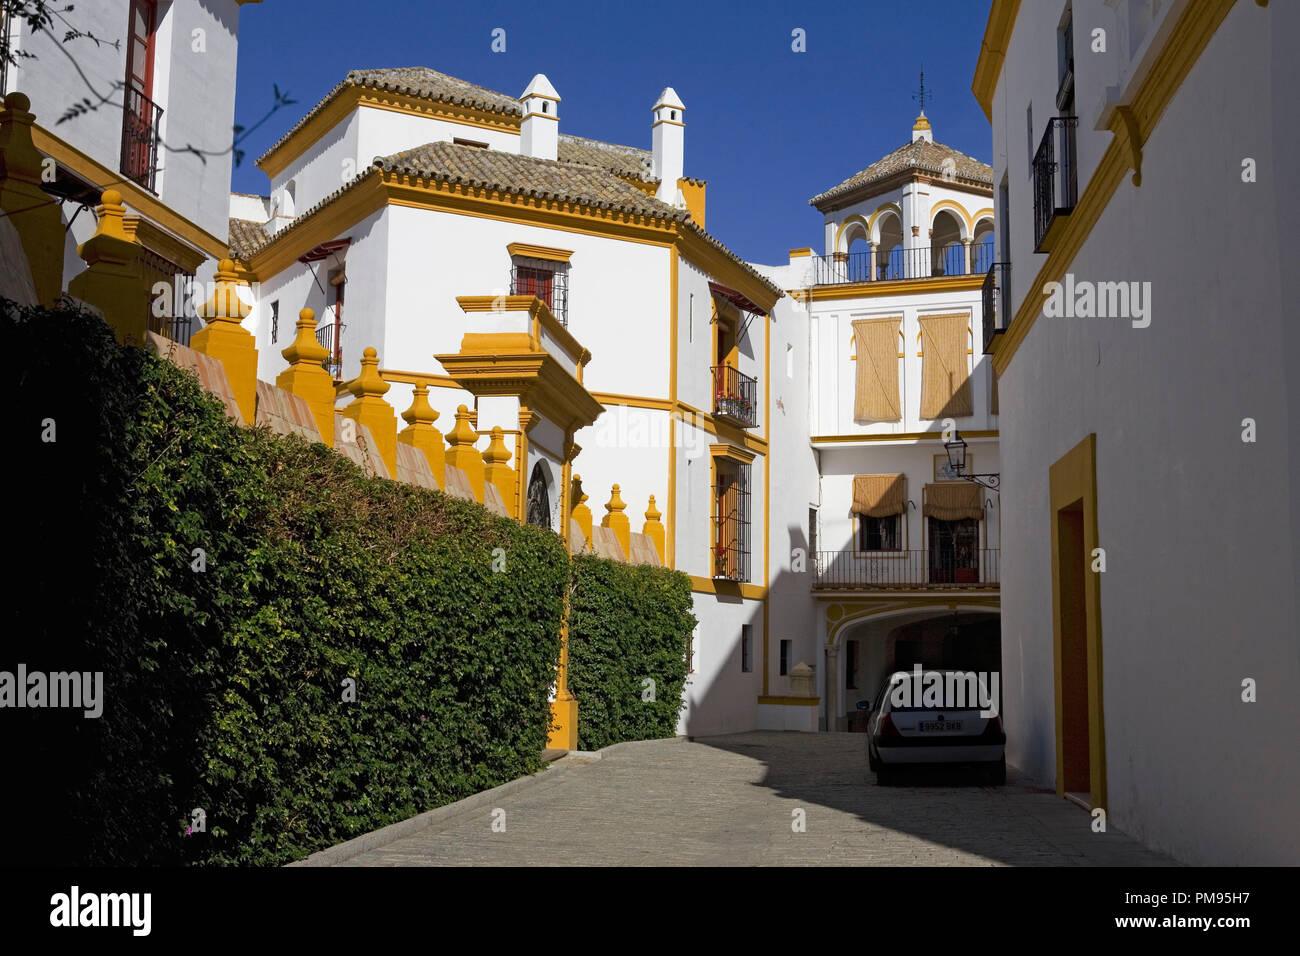 Lane outside the Plaza de toros de la Real Maestranza de Caballería de Sevilla, Andalusia, Spain - Stock Image